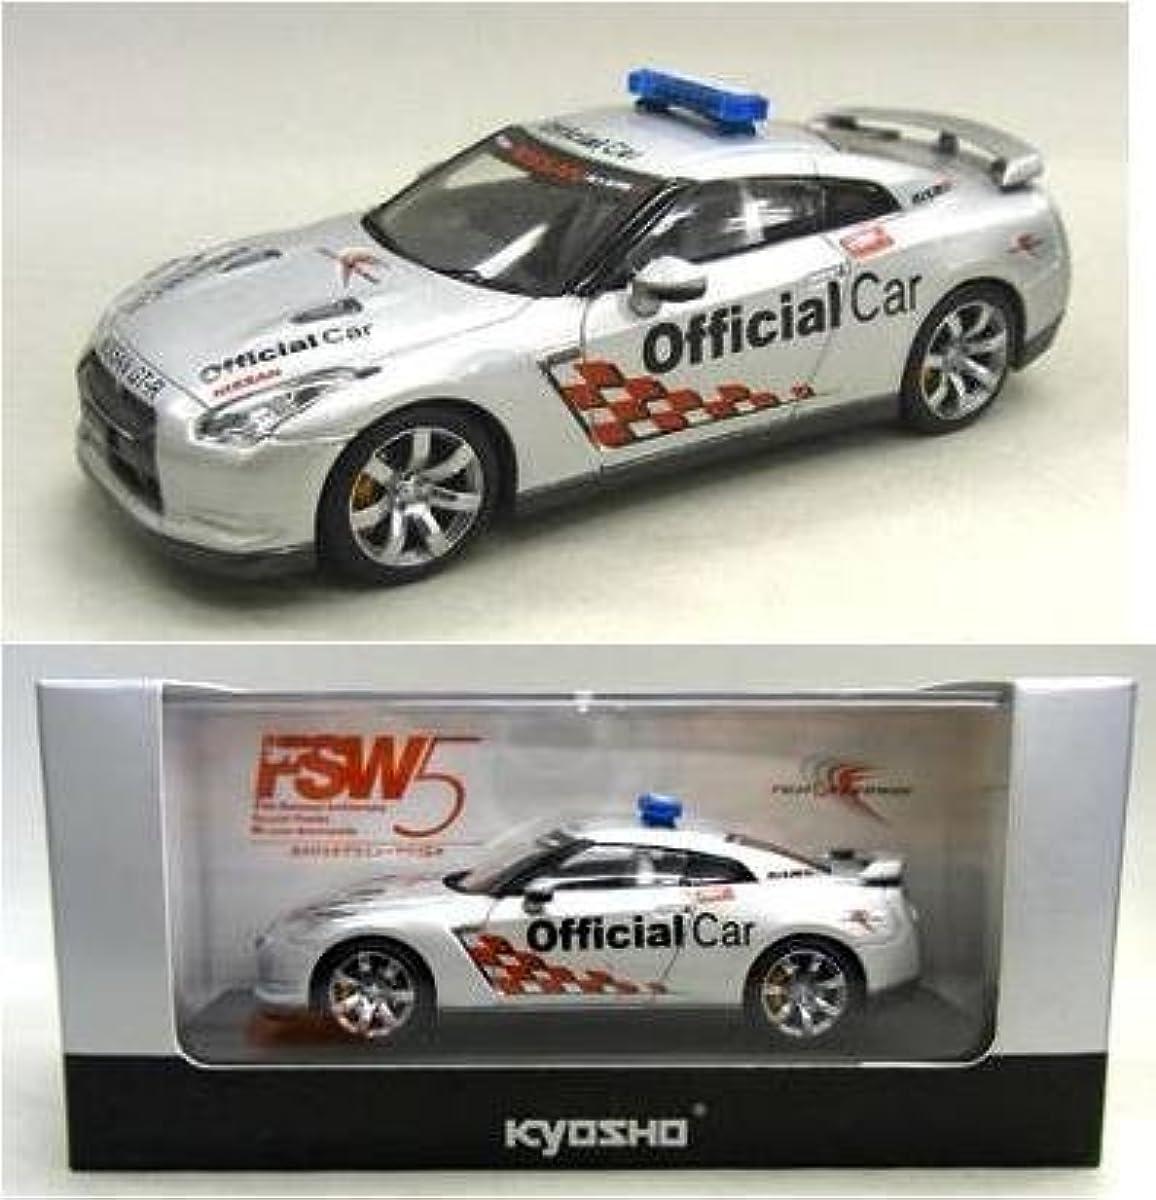 [해외] 쿄쇼 1/43 닛산 GT-R 후지 스피드 웨이 오피셜 카 K03741FSW 완성품